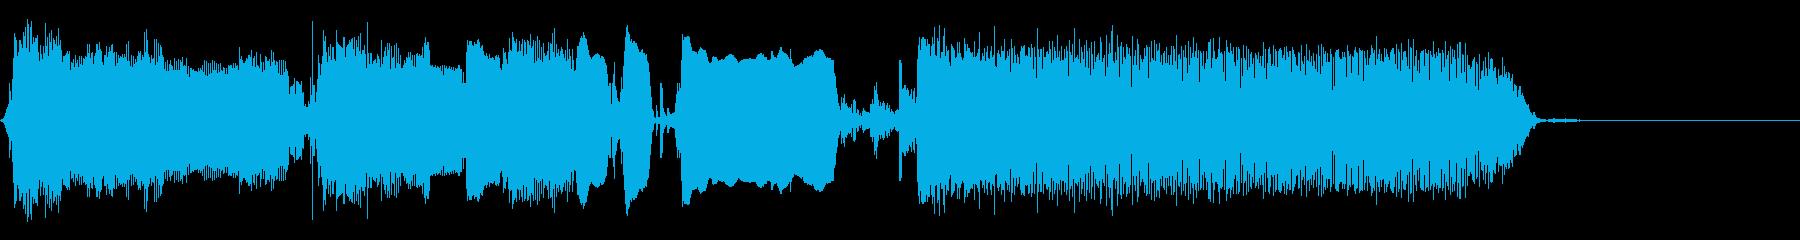 クールなエレキギターアイキャッチ7の再生済みの波形